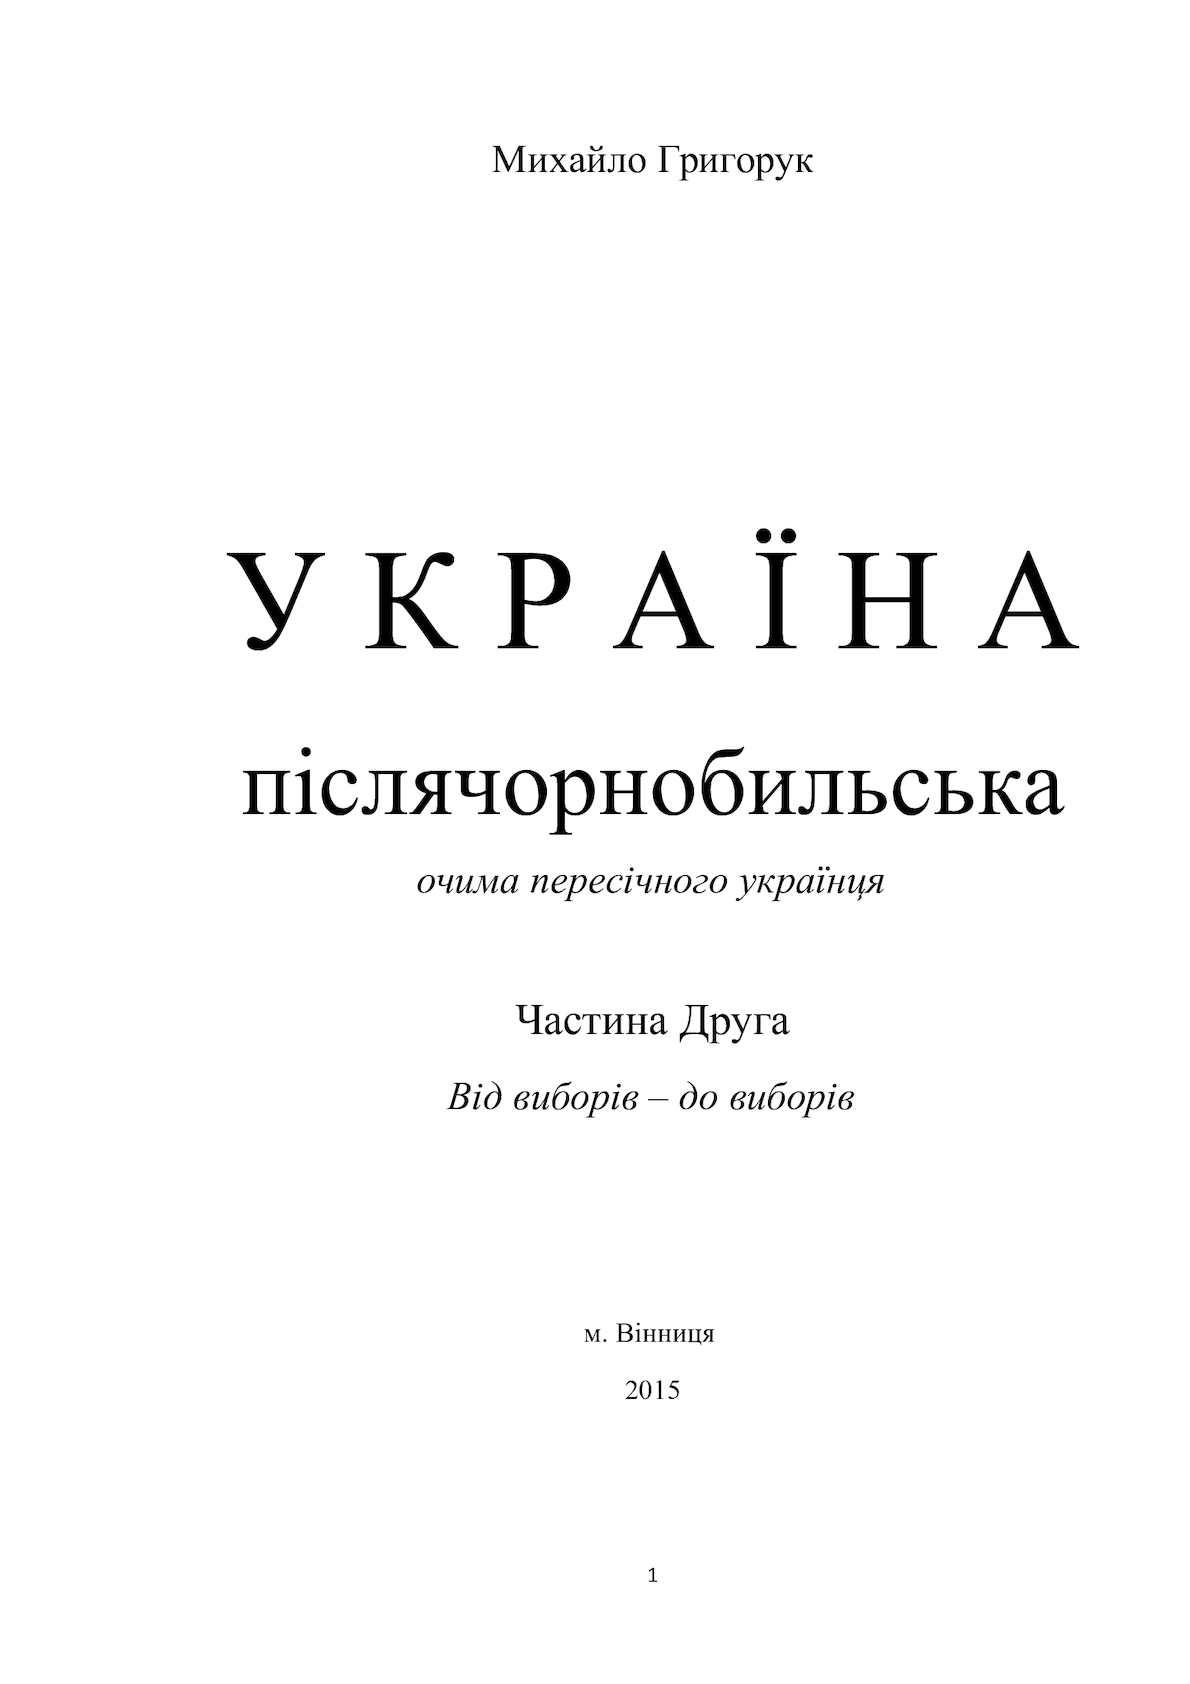 Calaméo - М. Григорук Україна післячорнобильська. ч 2 d25be637059b7